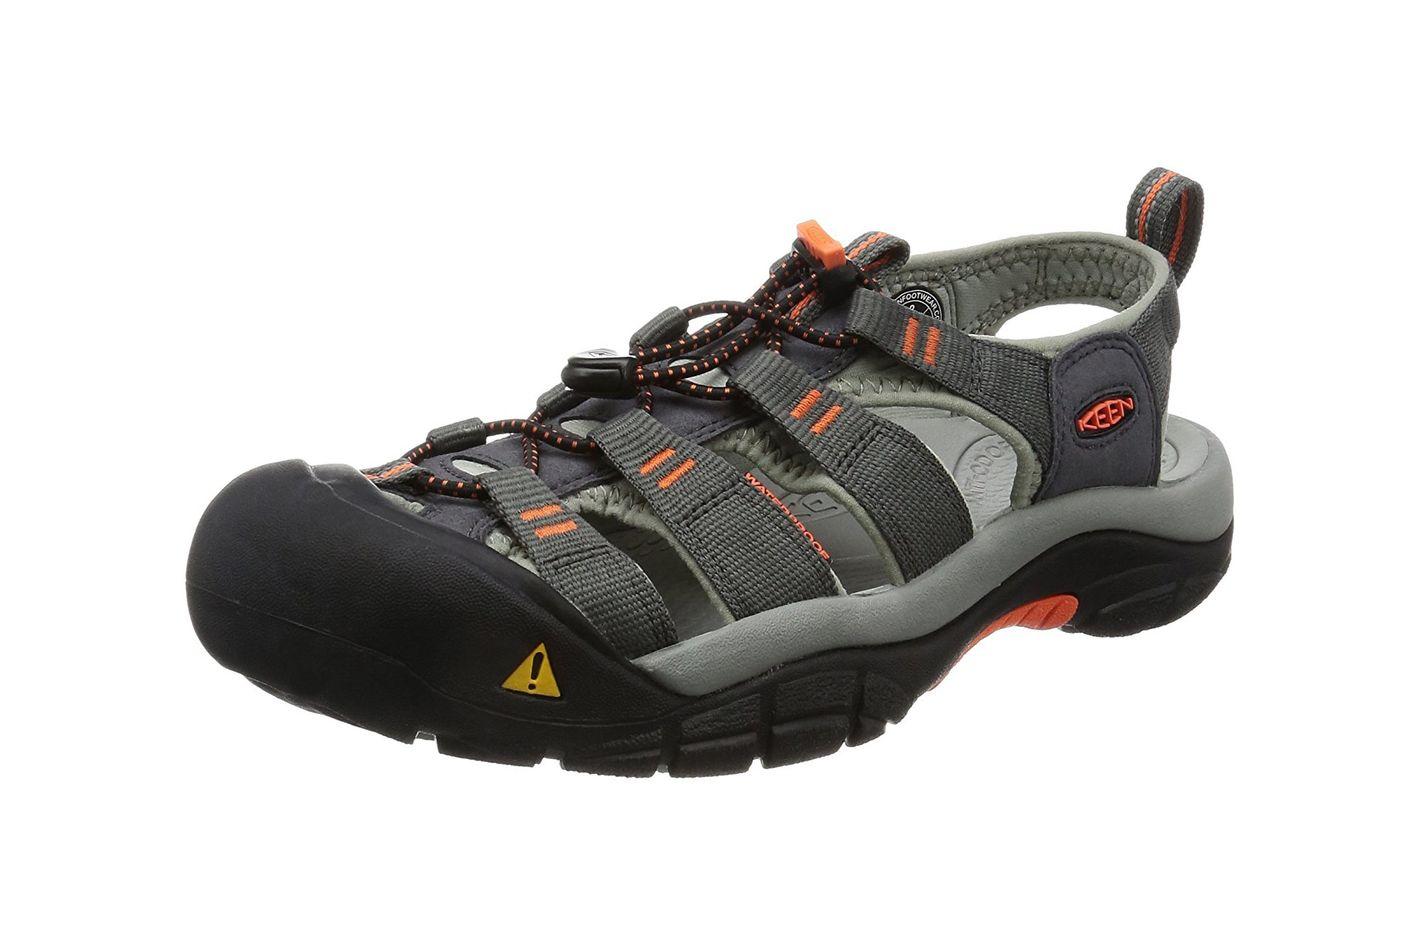 16a5f1a36a18 Best men s hiking sandals. KEEN Men s Newport H2 Sandal